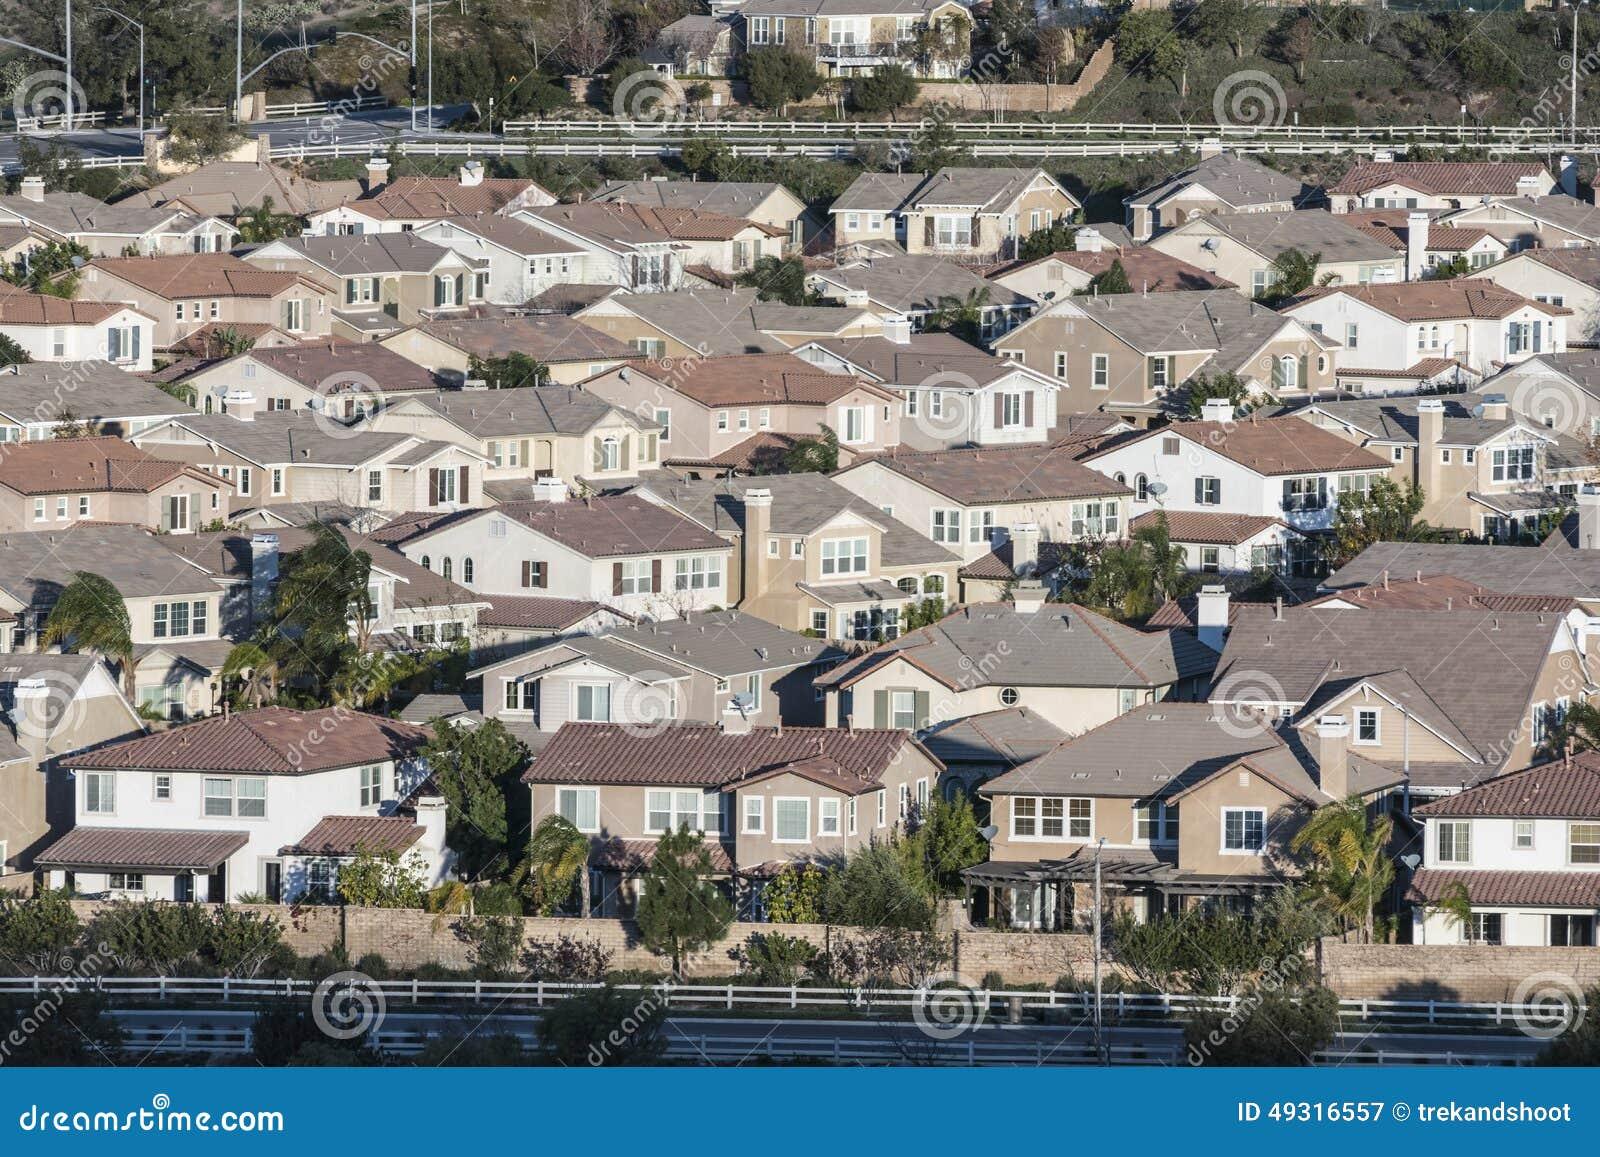 middle class california suburbia stock photo image 49316557